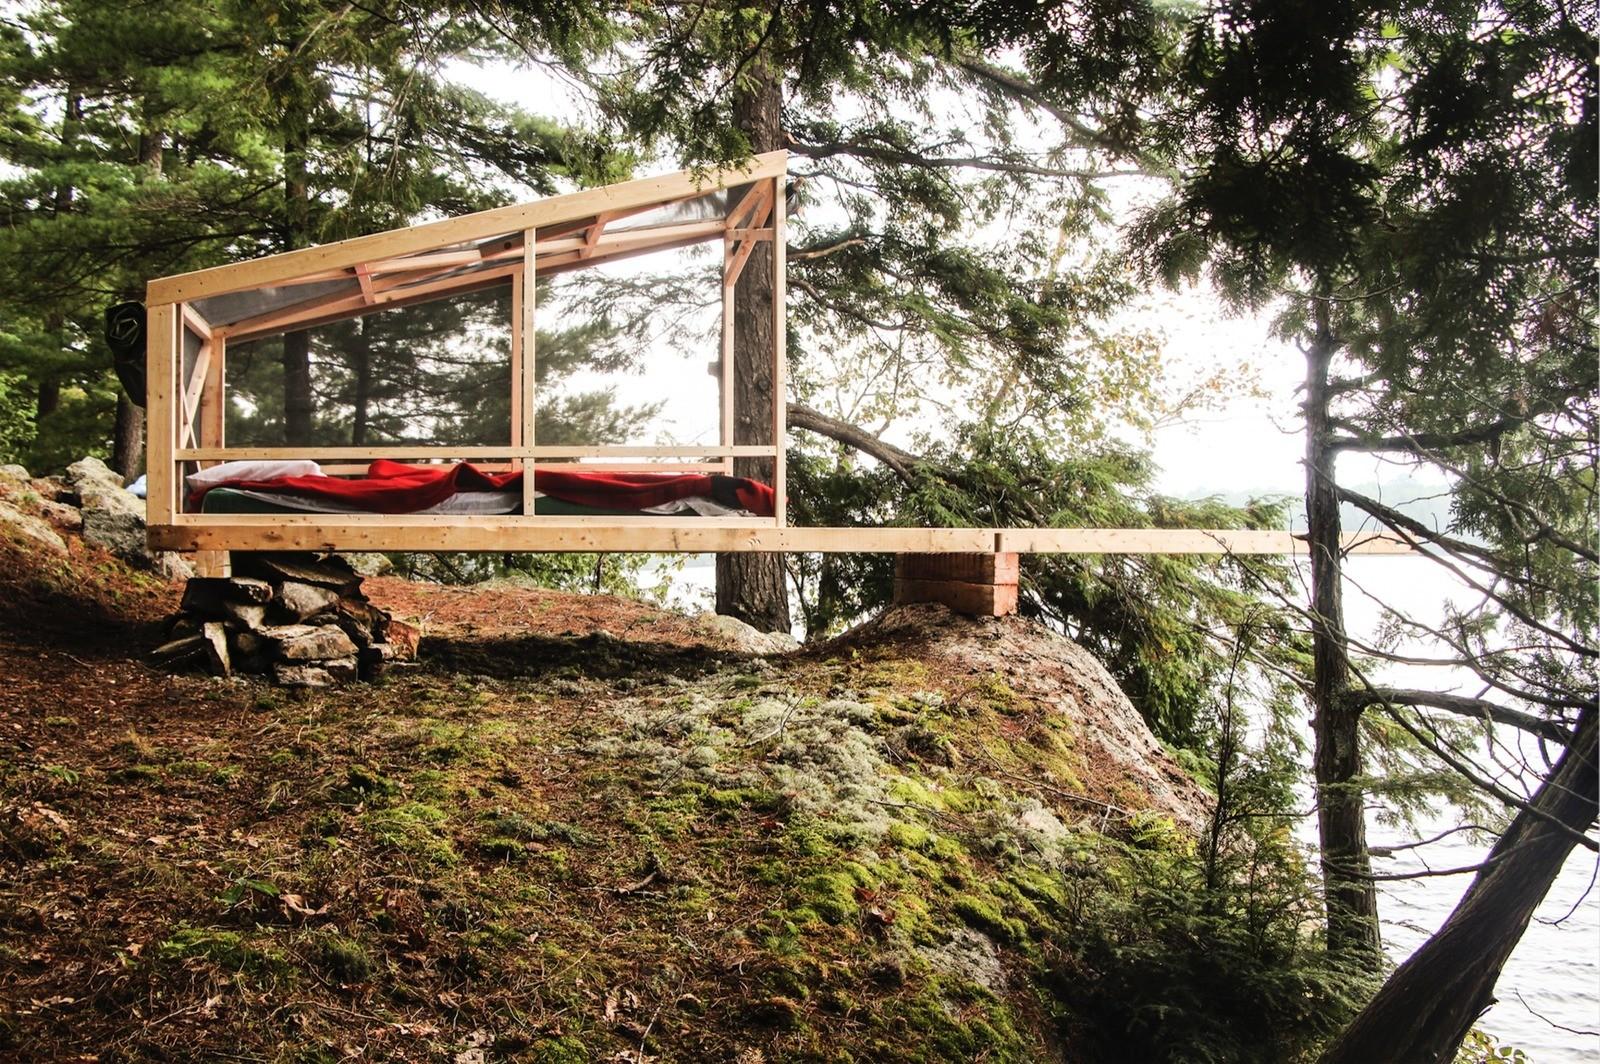 Современная стационарная хижина-палатка